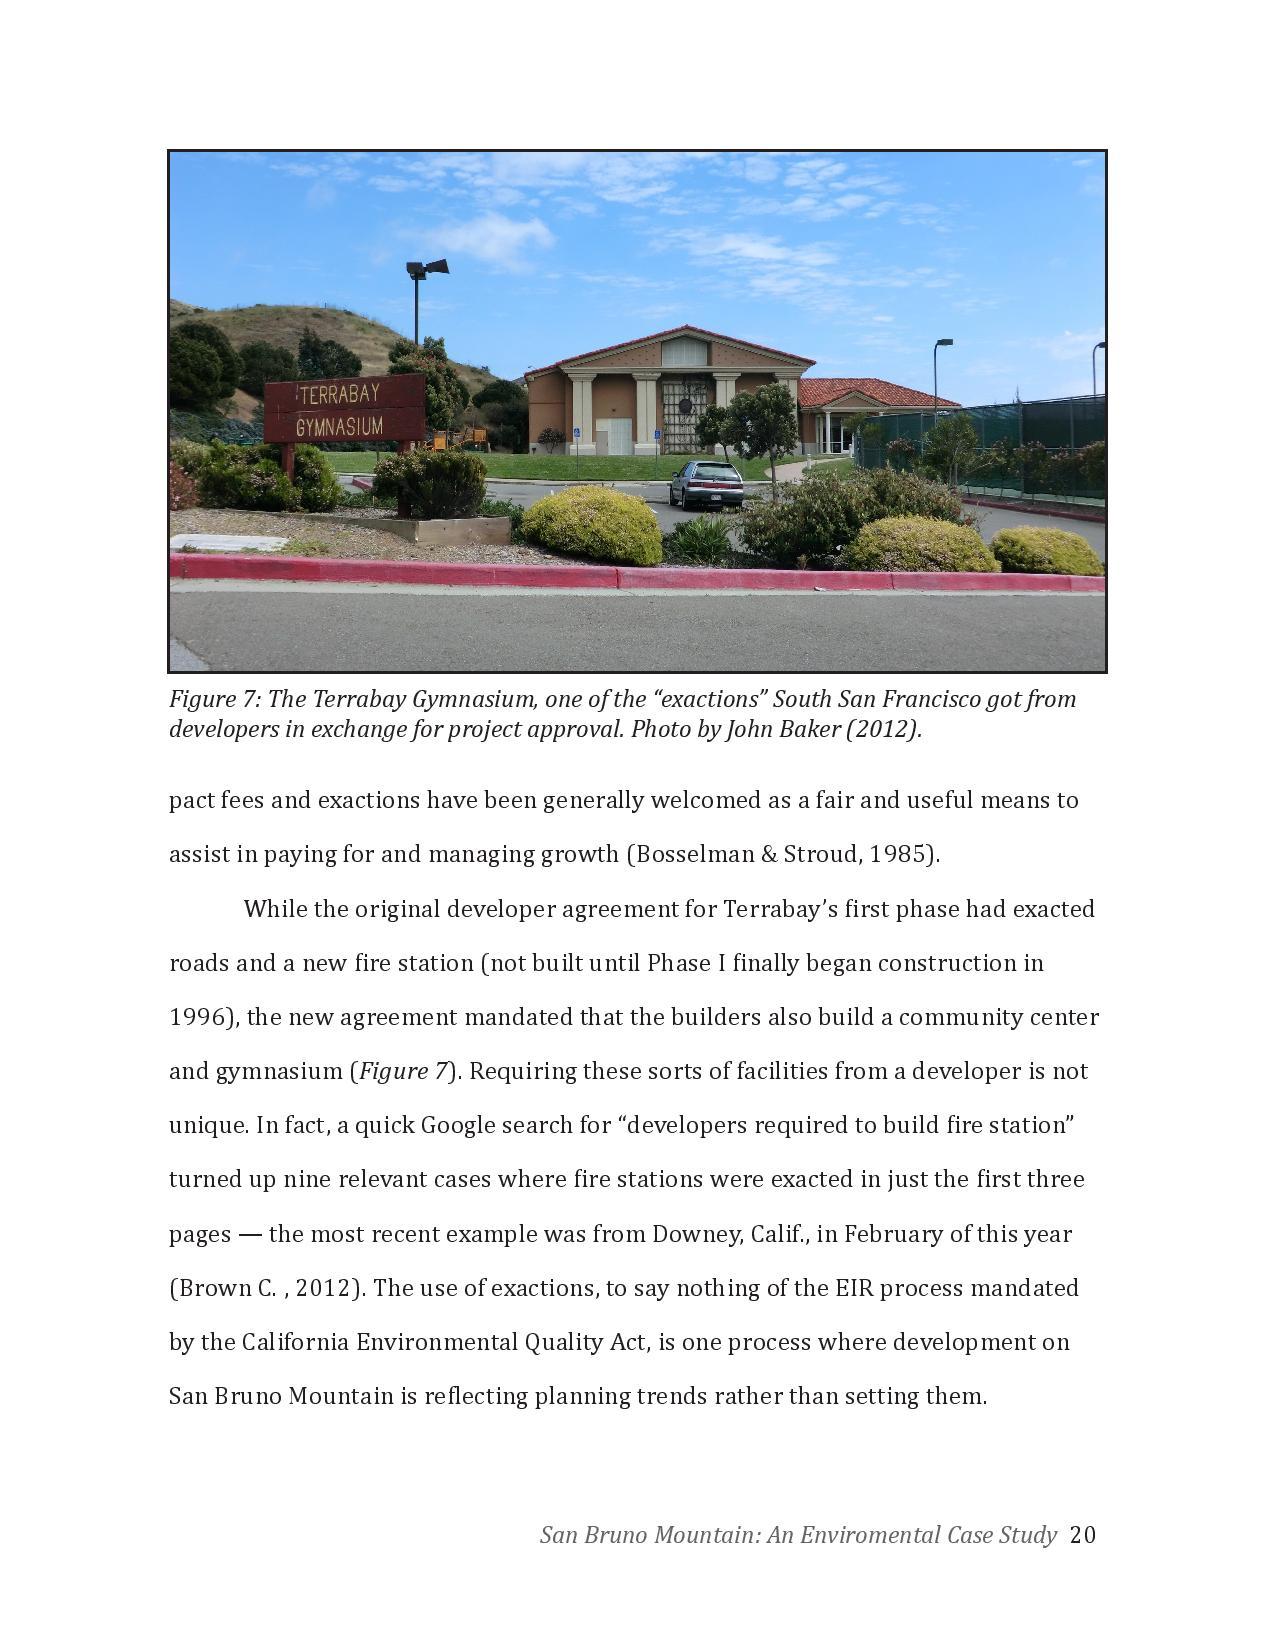 SBM An Environmental Case Study J Baker-page-020